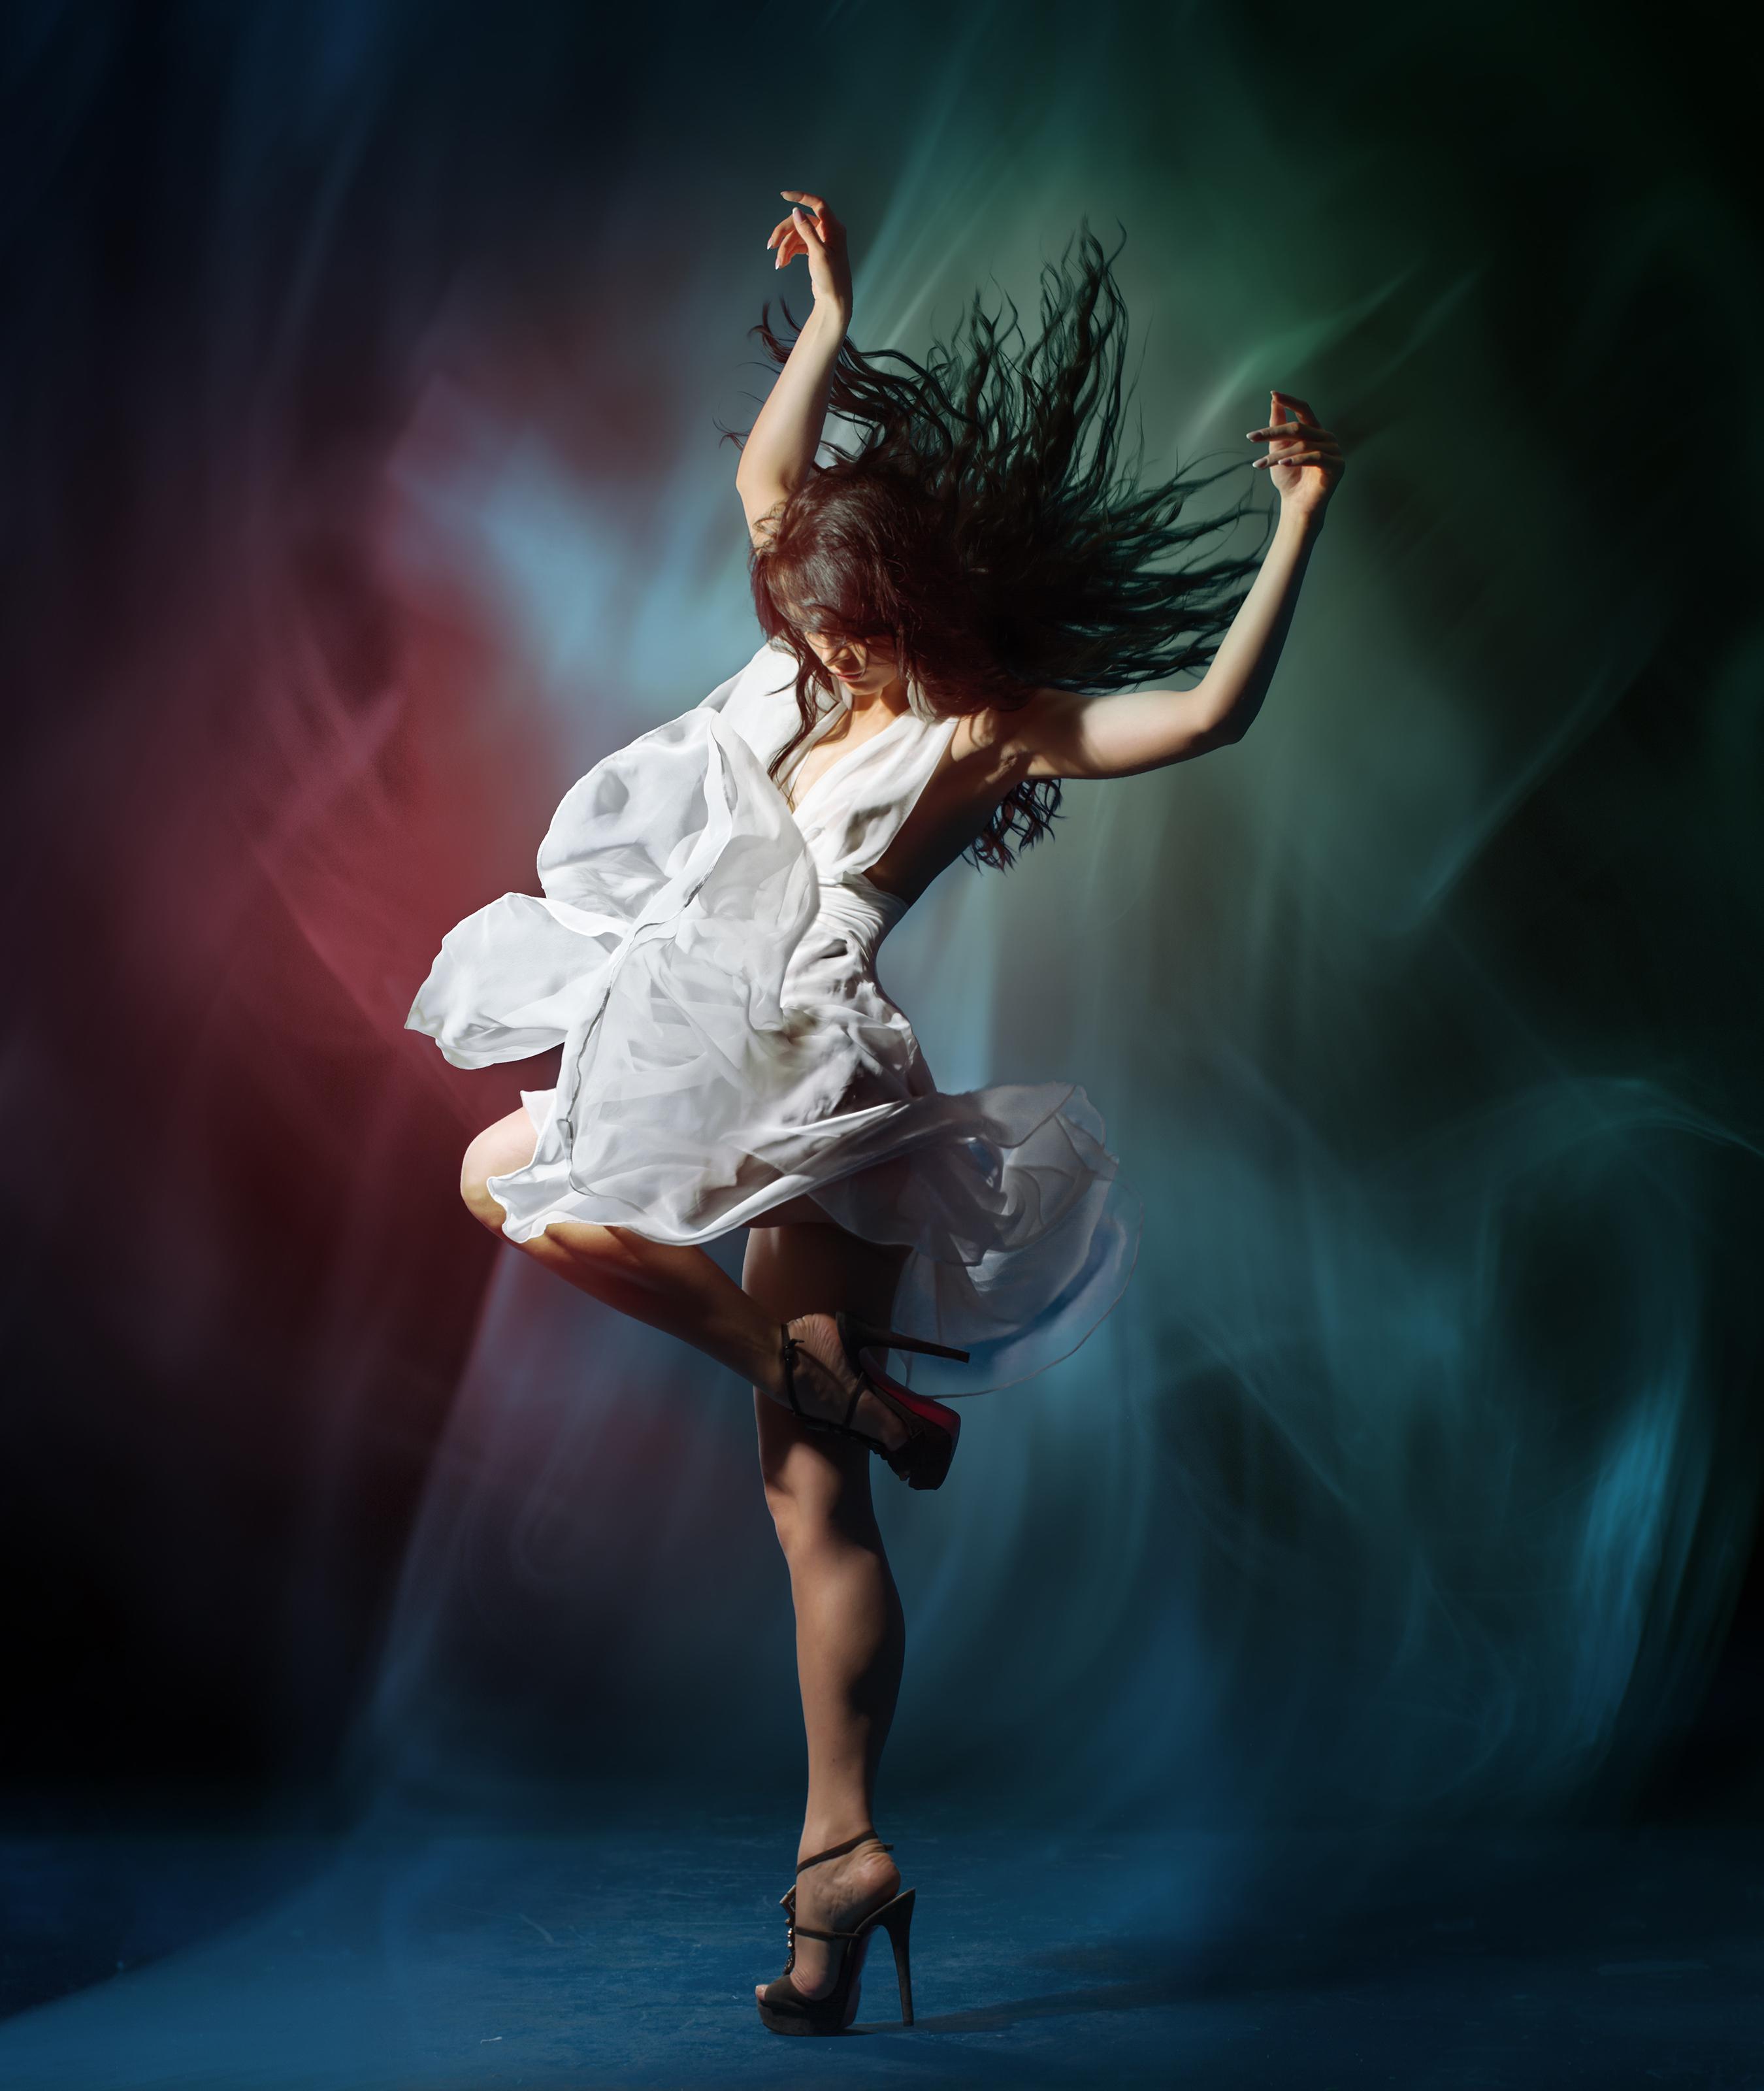 Fotos Braunhaarige Tanzen Mädchens Hand Kleid 2700x3200 Braune Haare Tanz